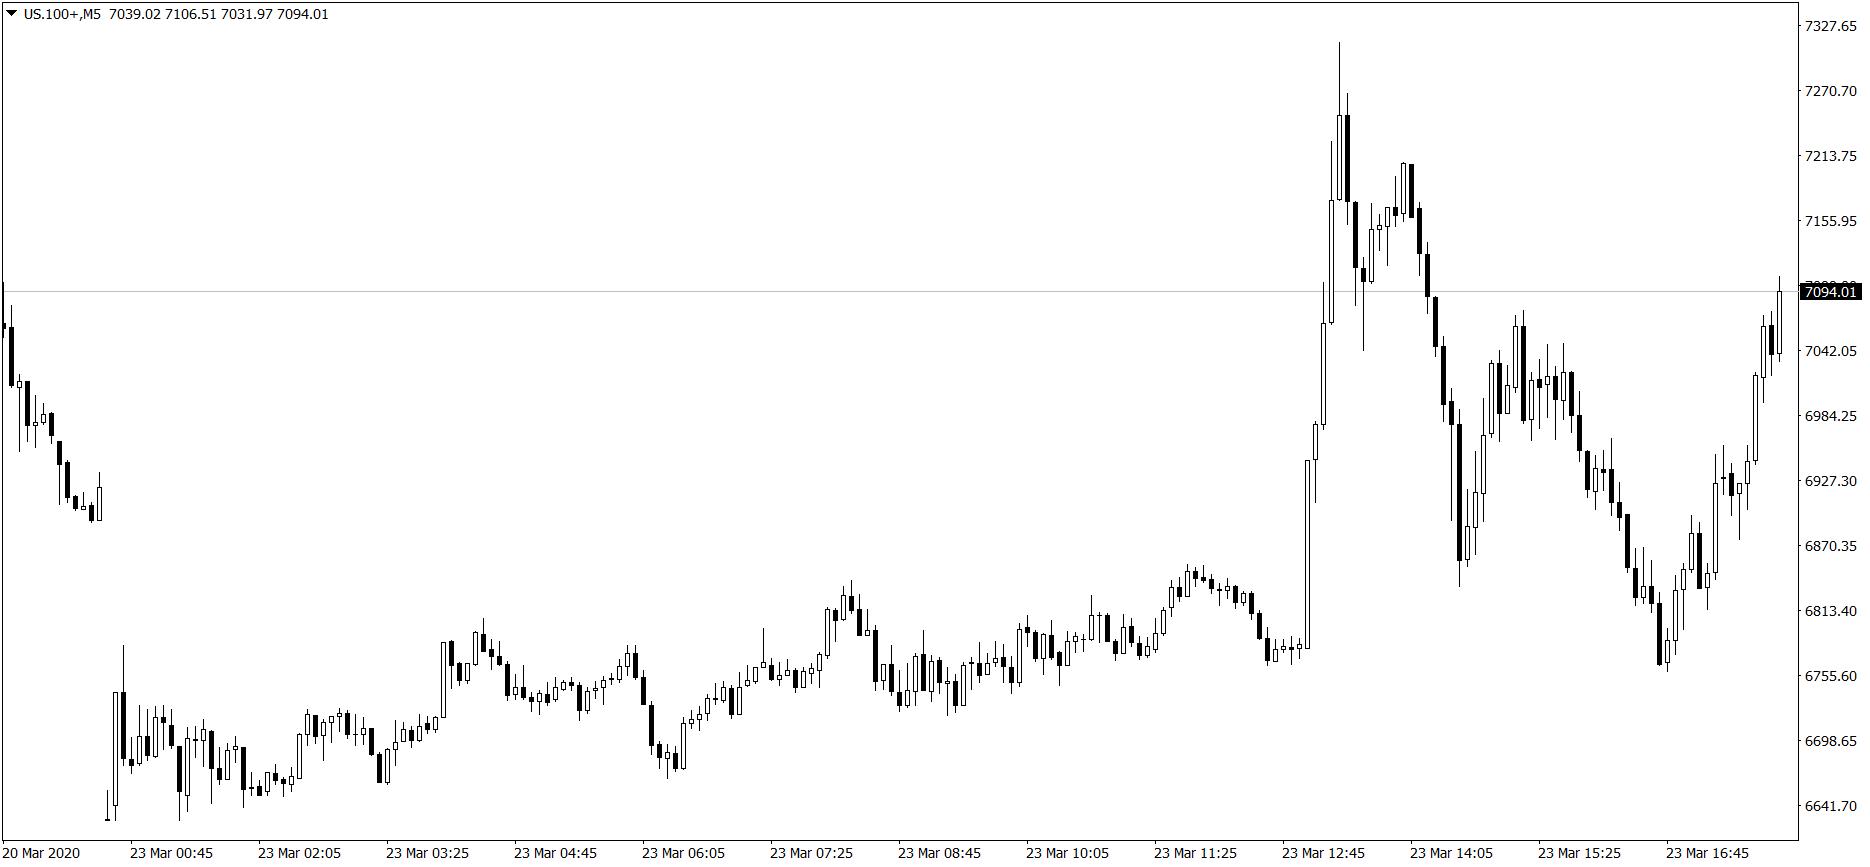 NASDAQ 100 - wykres M5